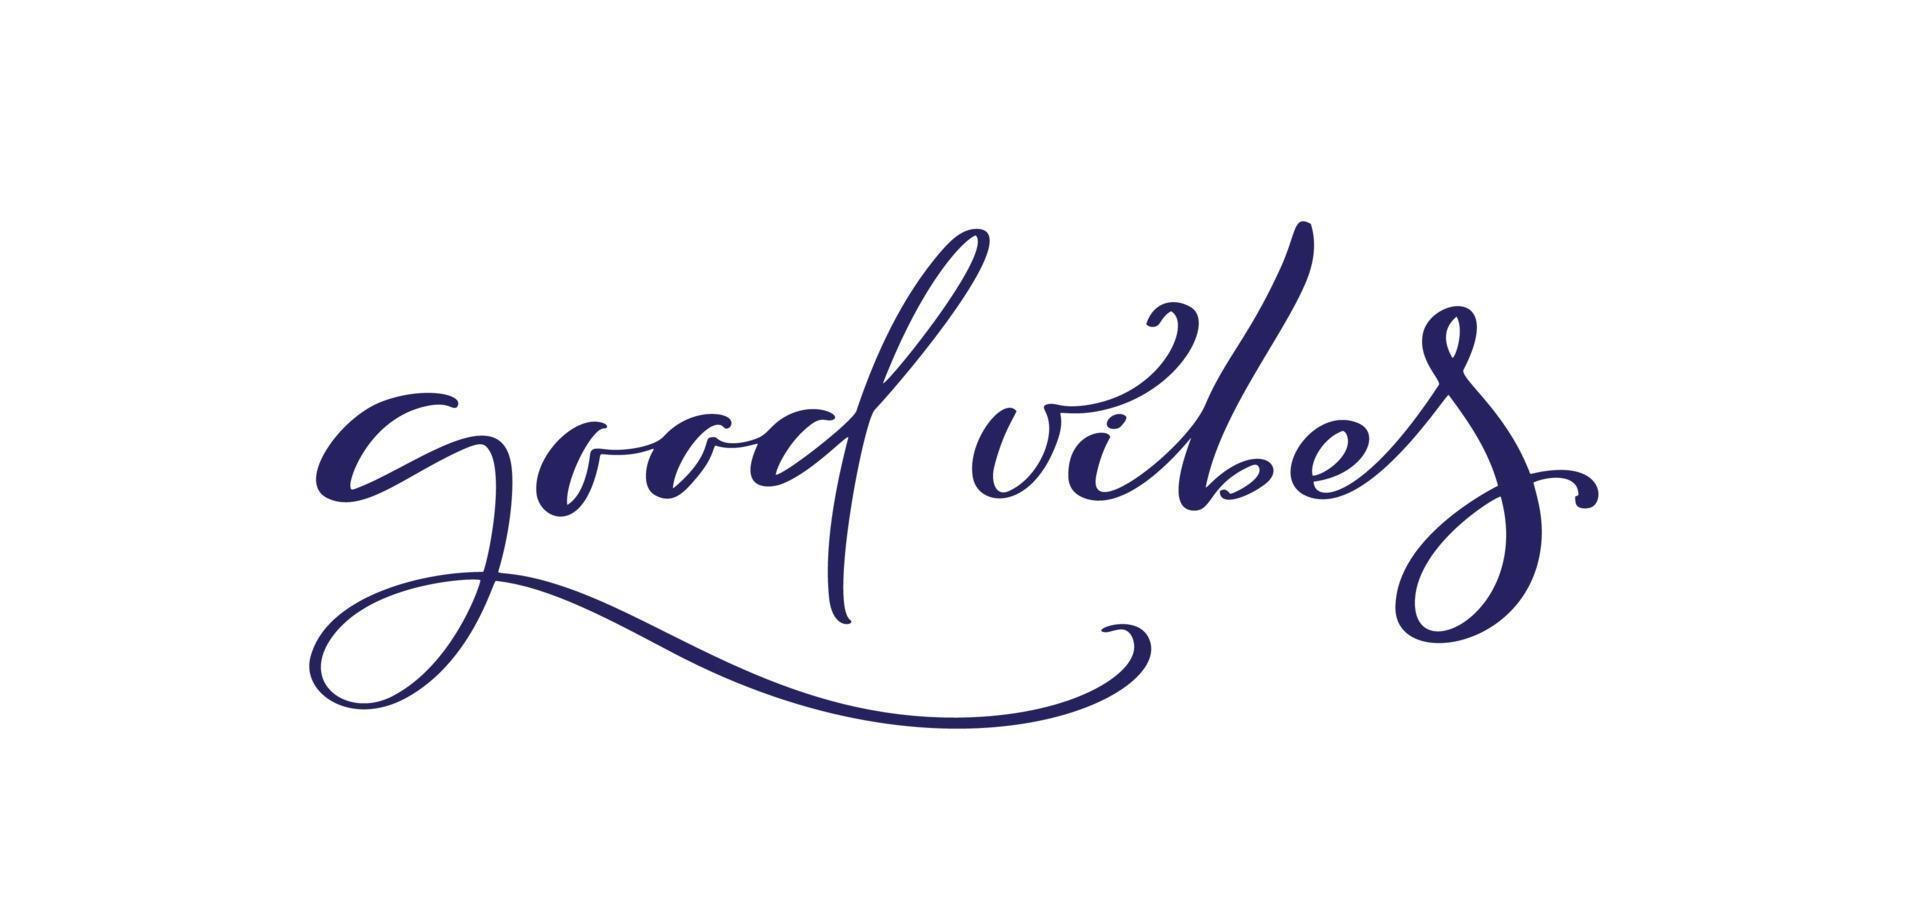 bra vibbar handbokstäver citat. handgjorda vektor kalligrafi text illustration med dekorativa element. isolerad på vit illustration för gratulationskort